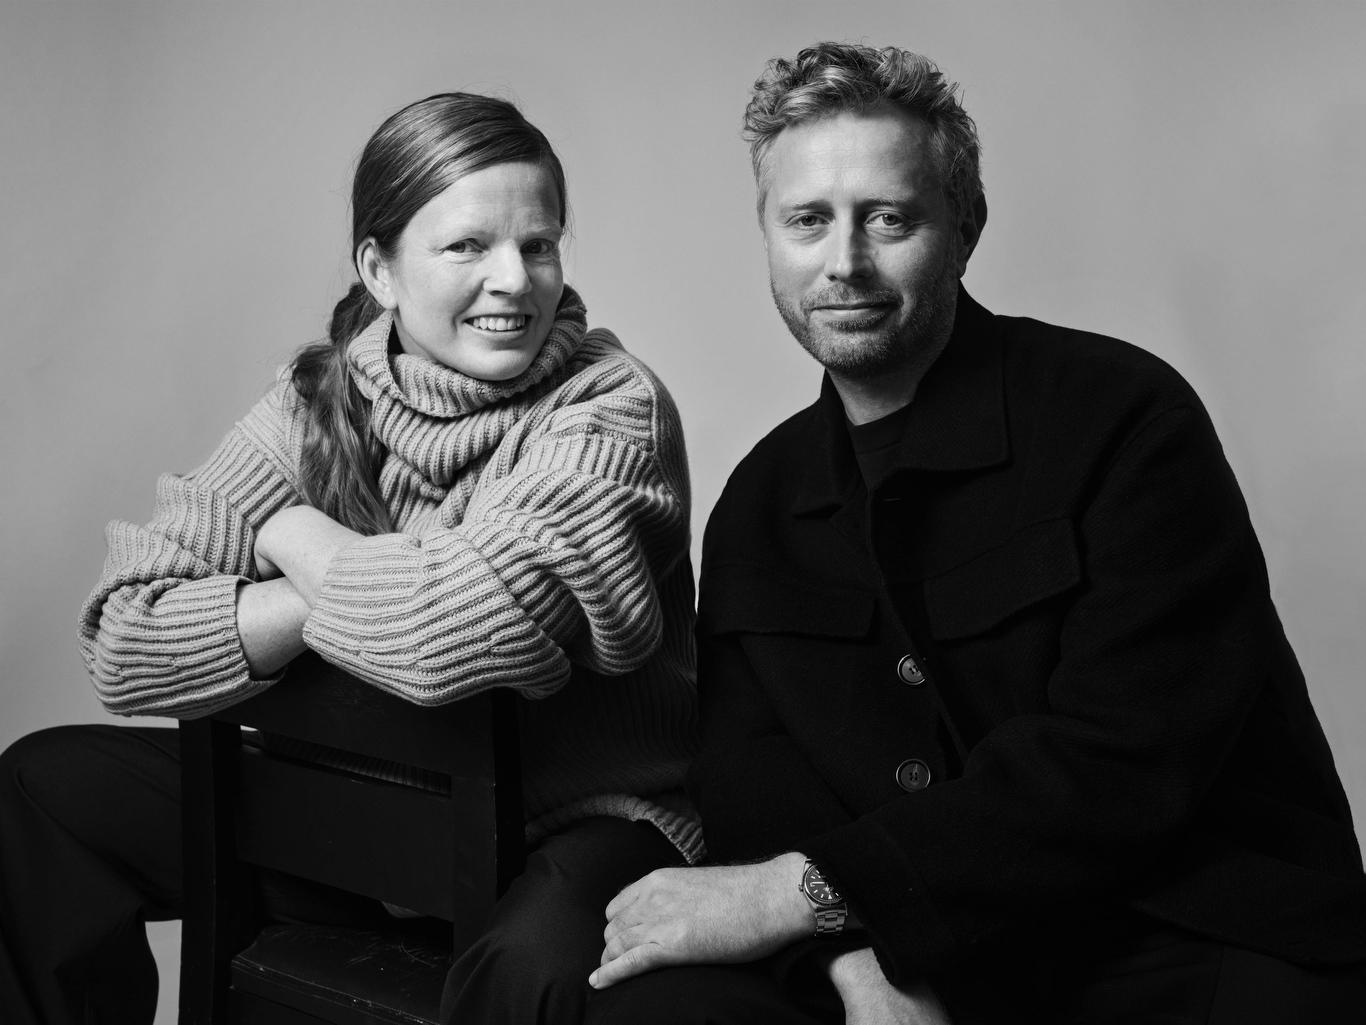 Anna LundbŠck Dyhr and Frederik Dyhr of Joseph